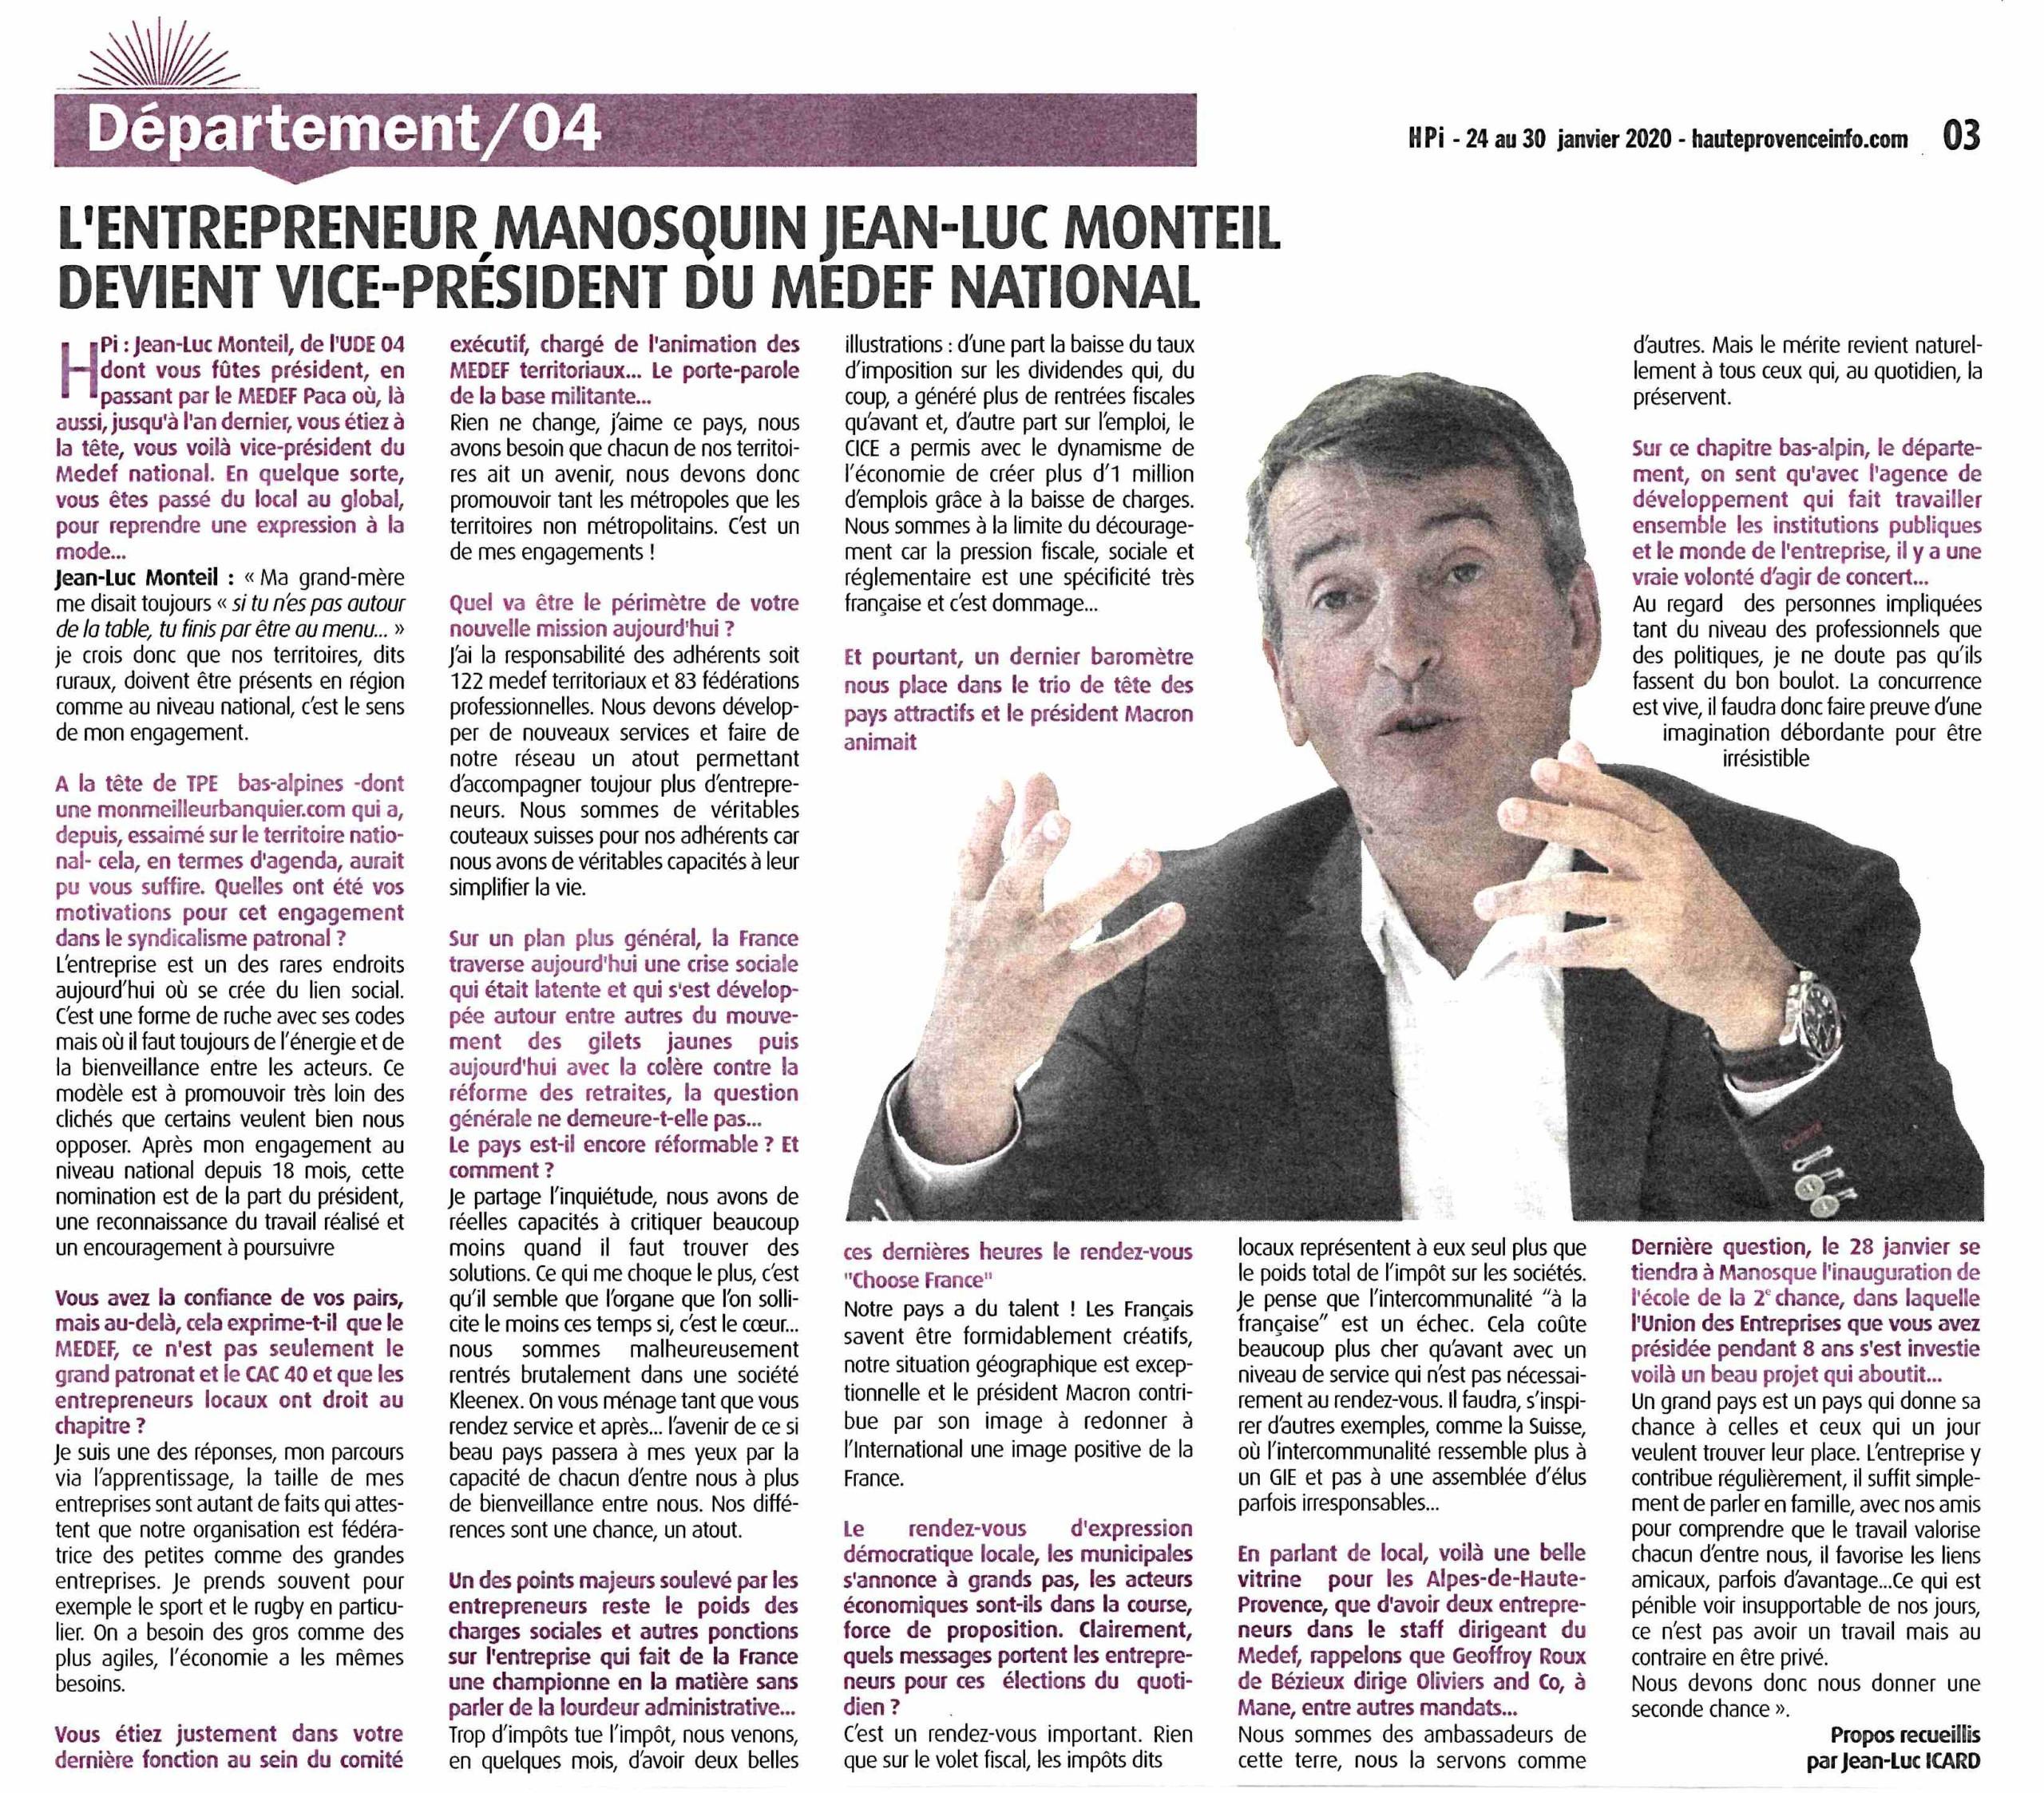 L'Entrepreneur manosquin Jean-Luc Monteil devient vice-président du Medef national